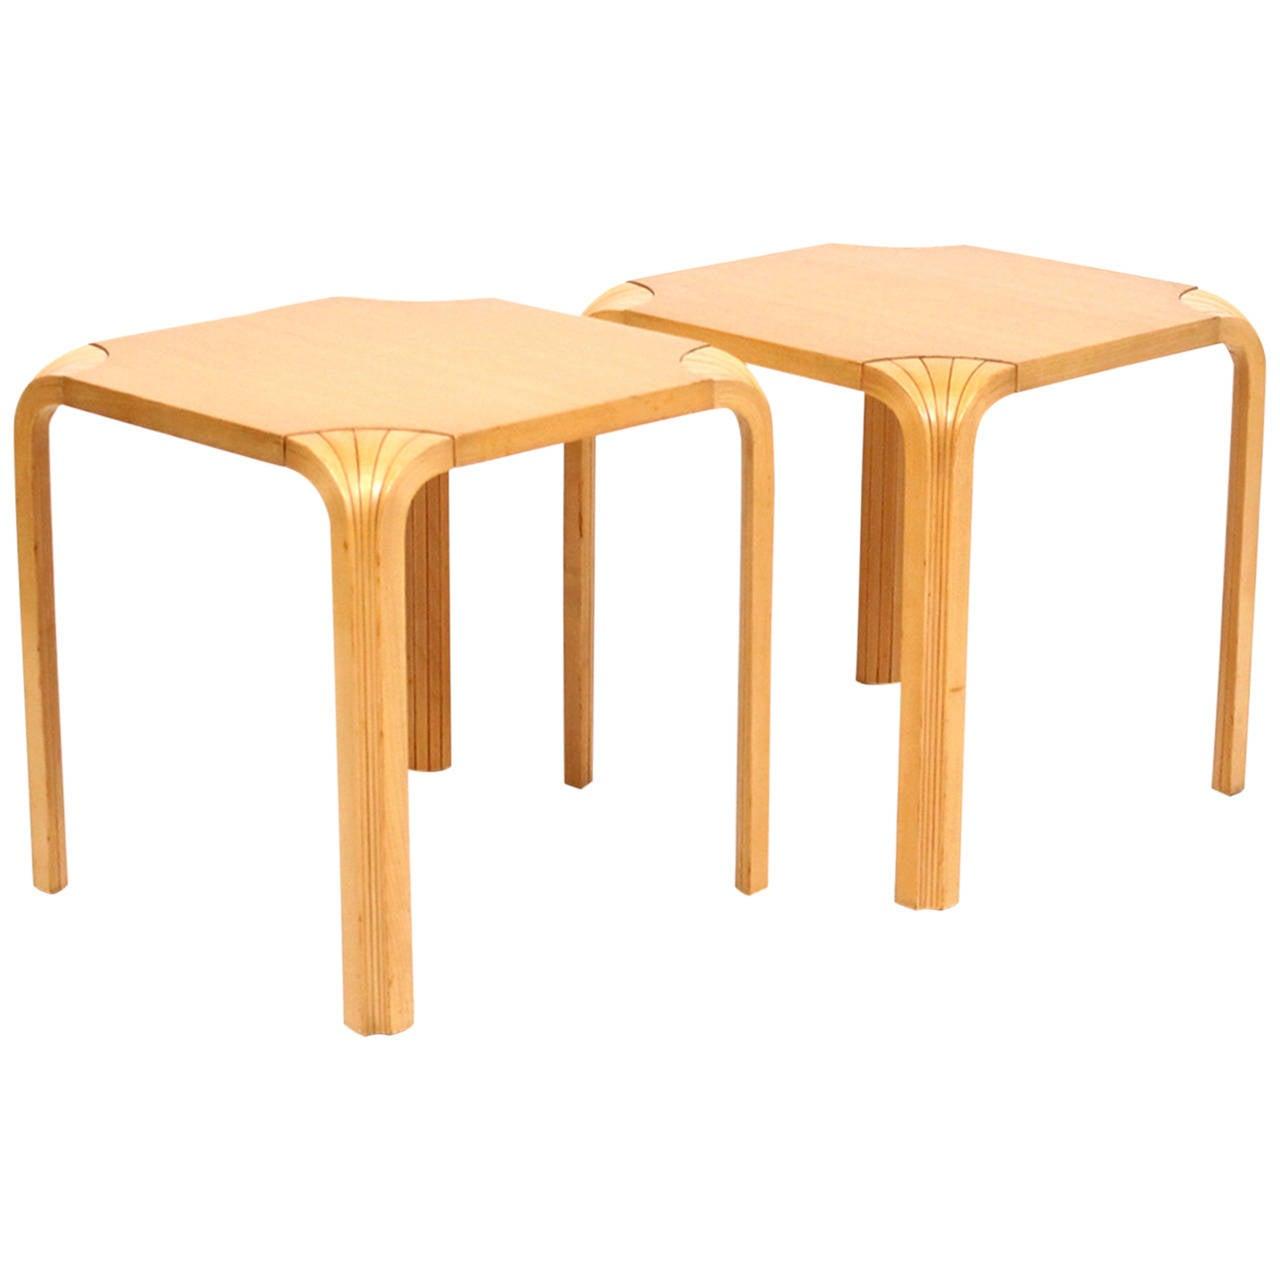 alvar aalto for artek fan leg side tables at 1stdibs. Black Bedroom Furniture Sets. Home Design Ideas